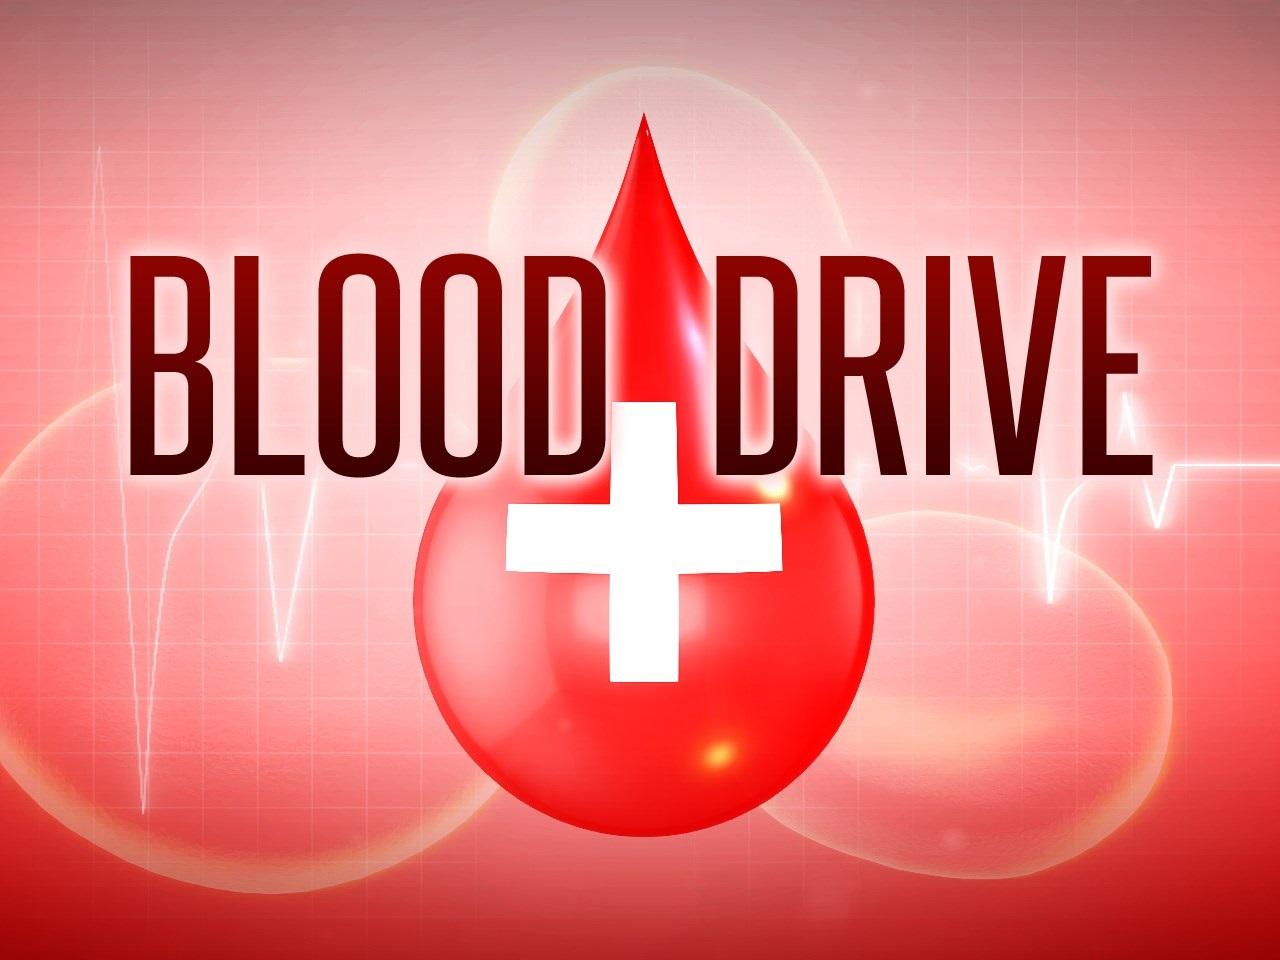 blood drive_1533074343081.jpg.jpg